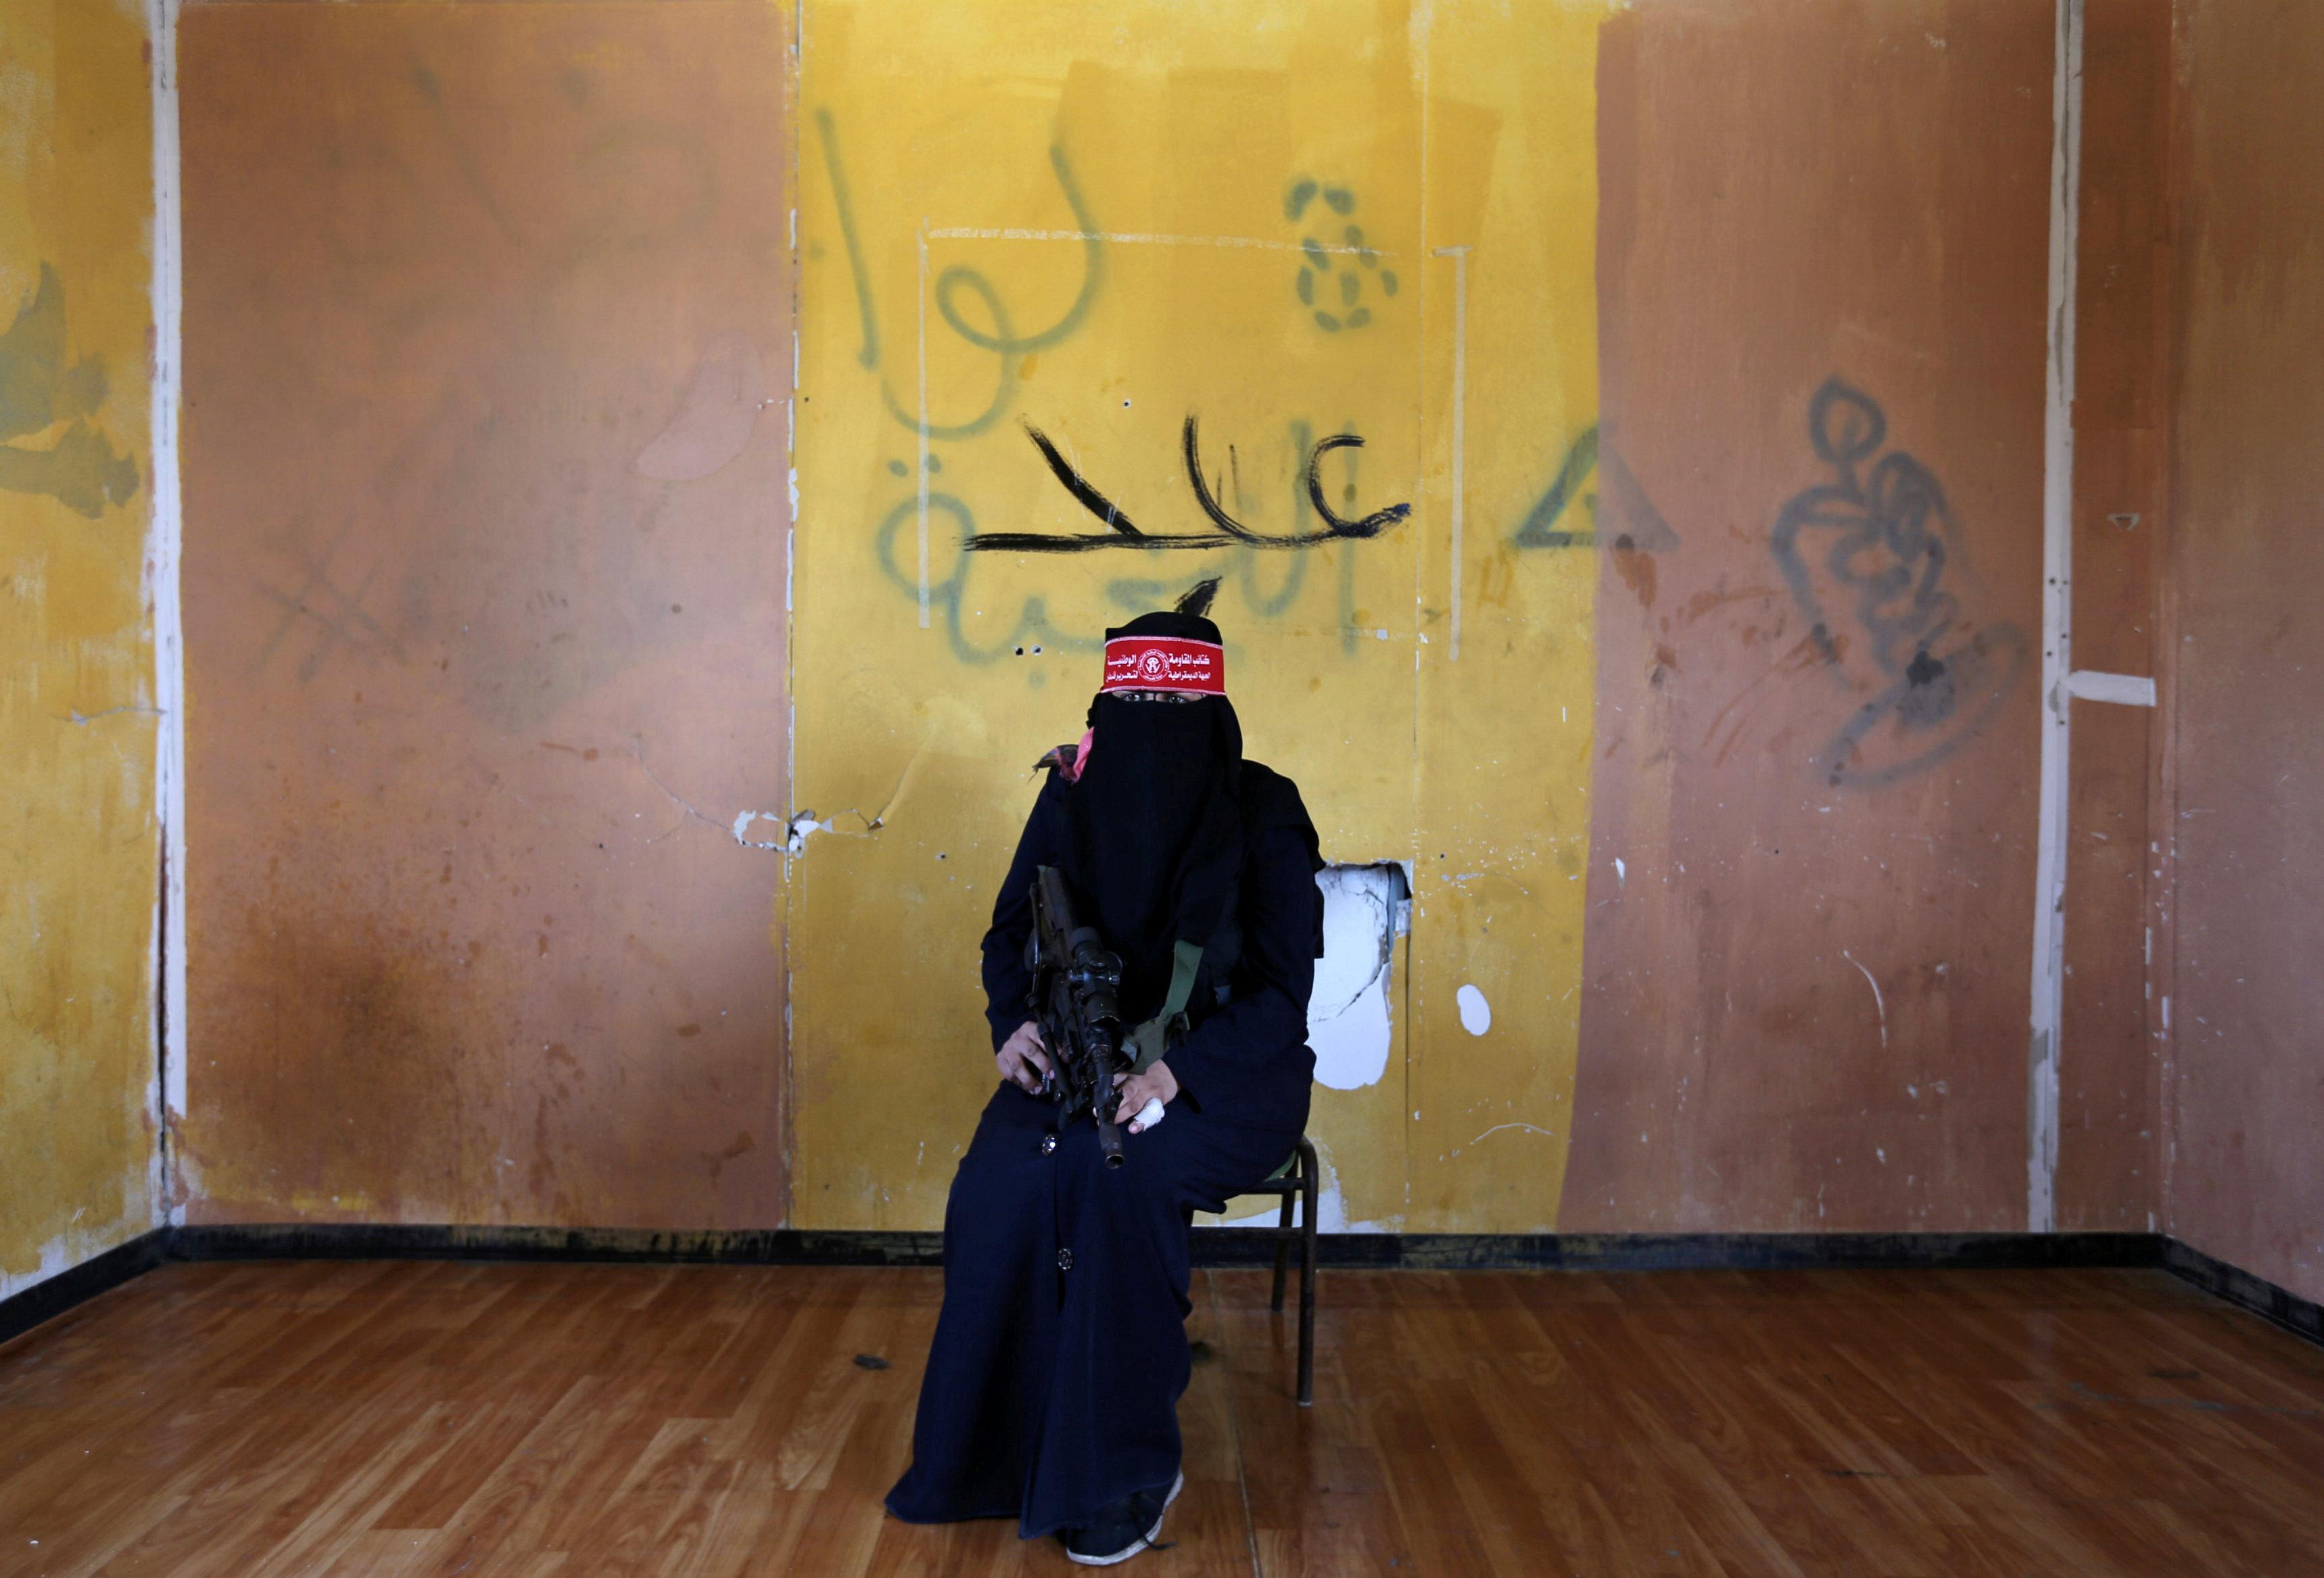 مقاتلة فى جبهة تحرير فلسطين - قطاع غزة